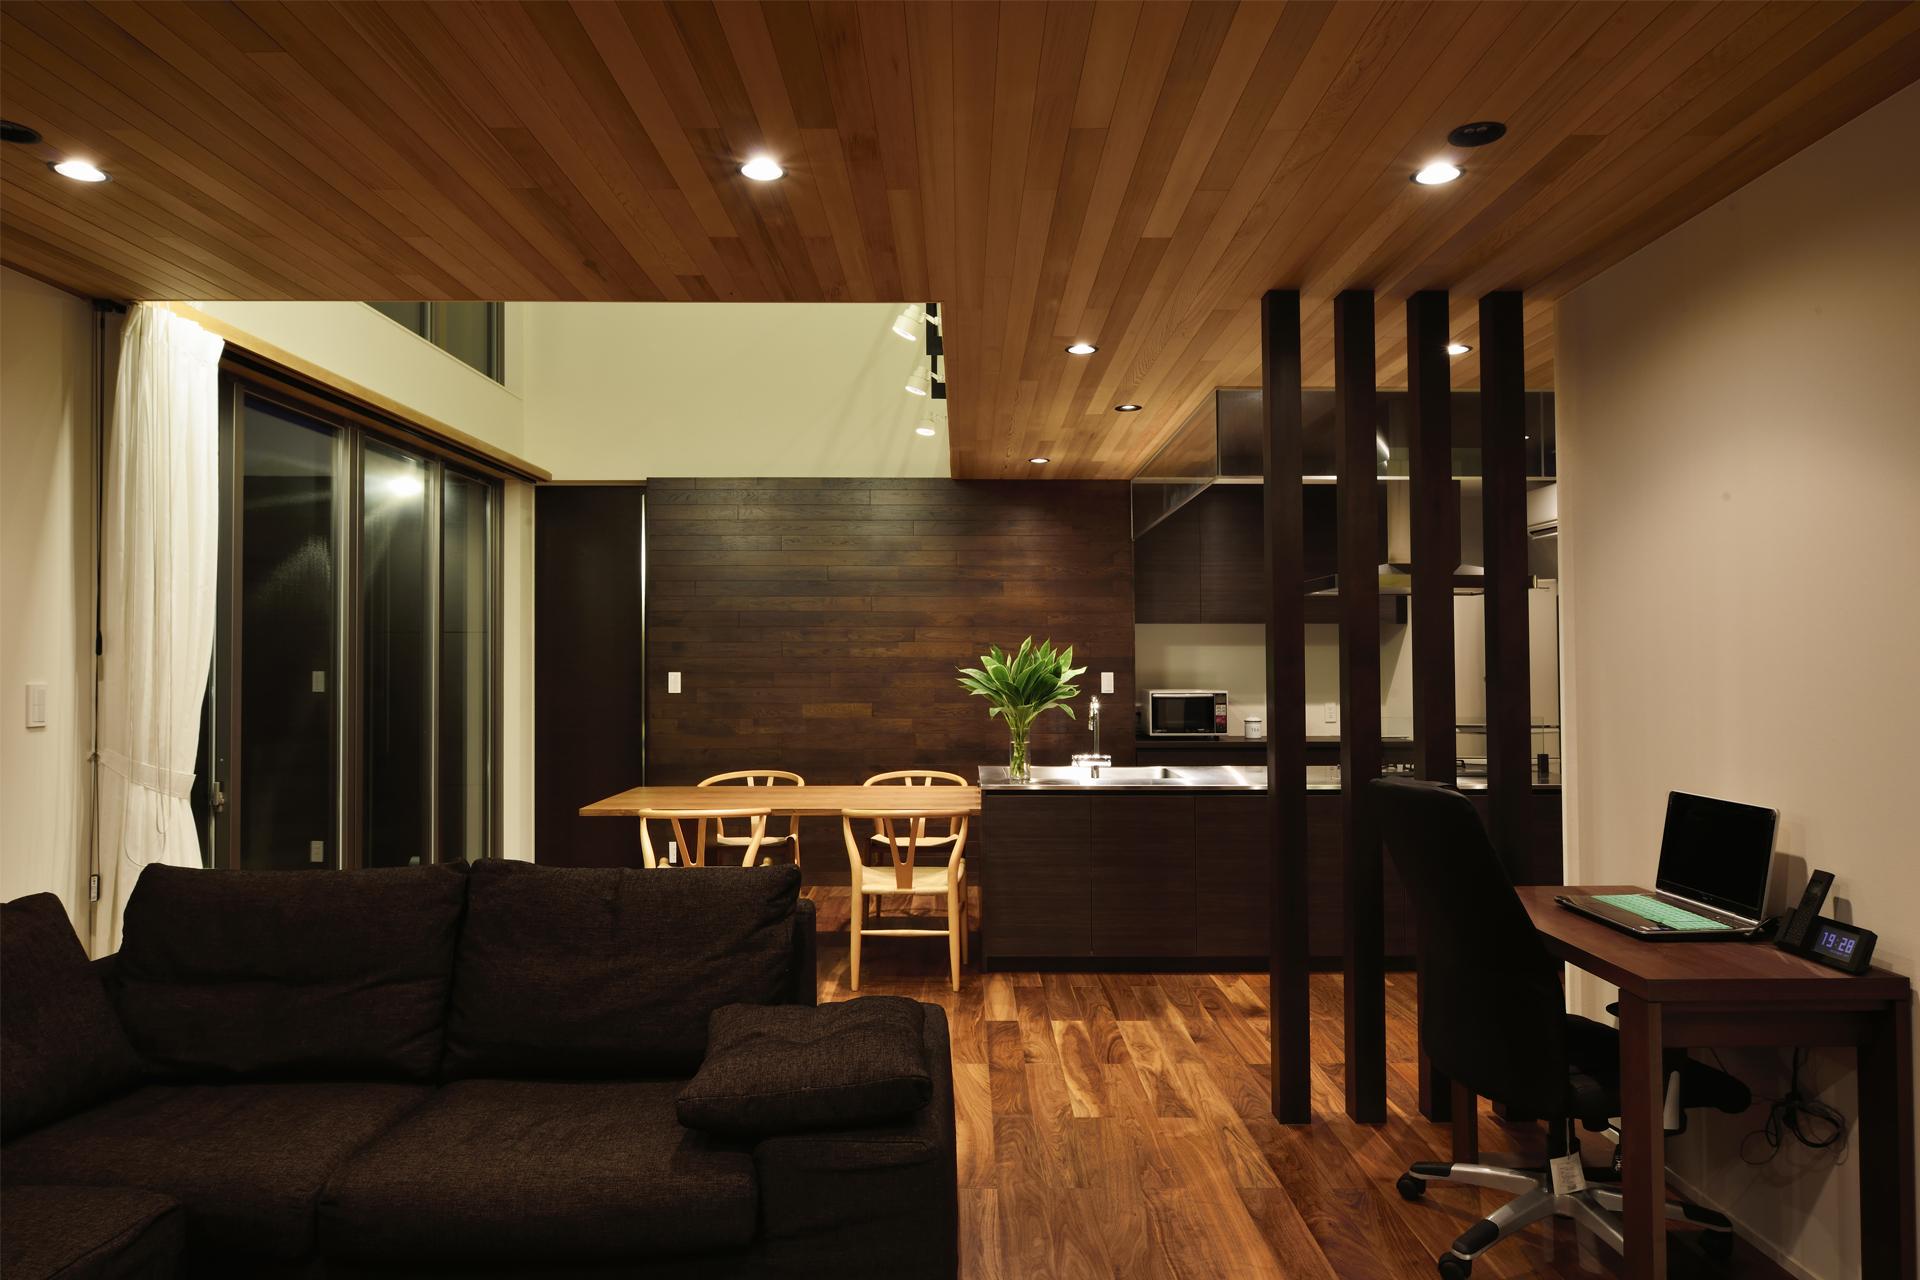 KOKAGE_H建築スタジオ